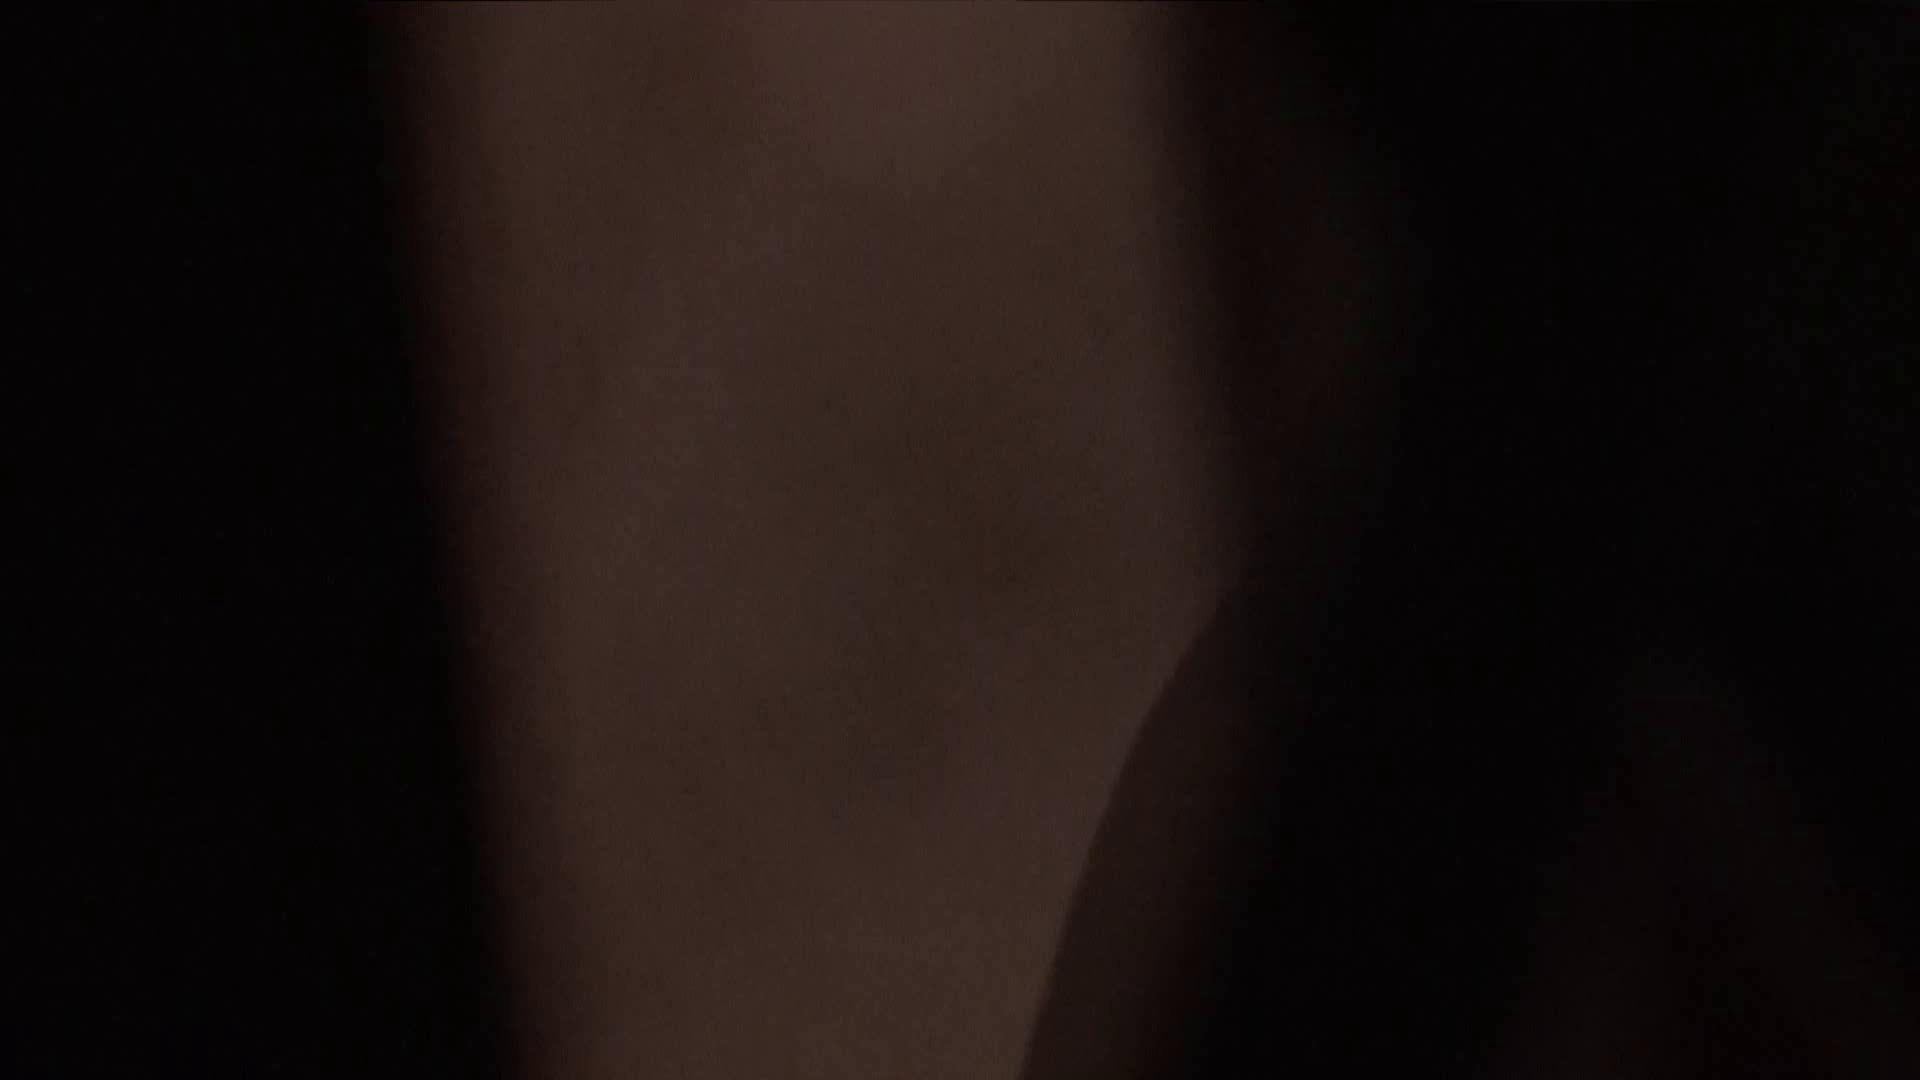 民家の騎士さんの最後の性戦ハイビジョン!!No.50 民家   おっぱい特集  46pic 11